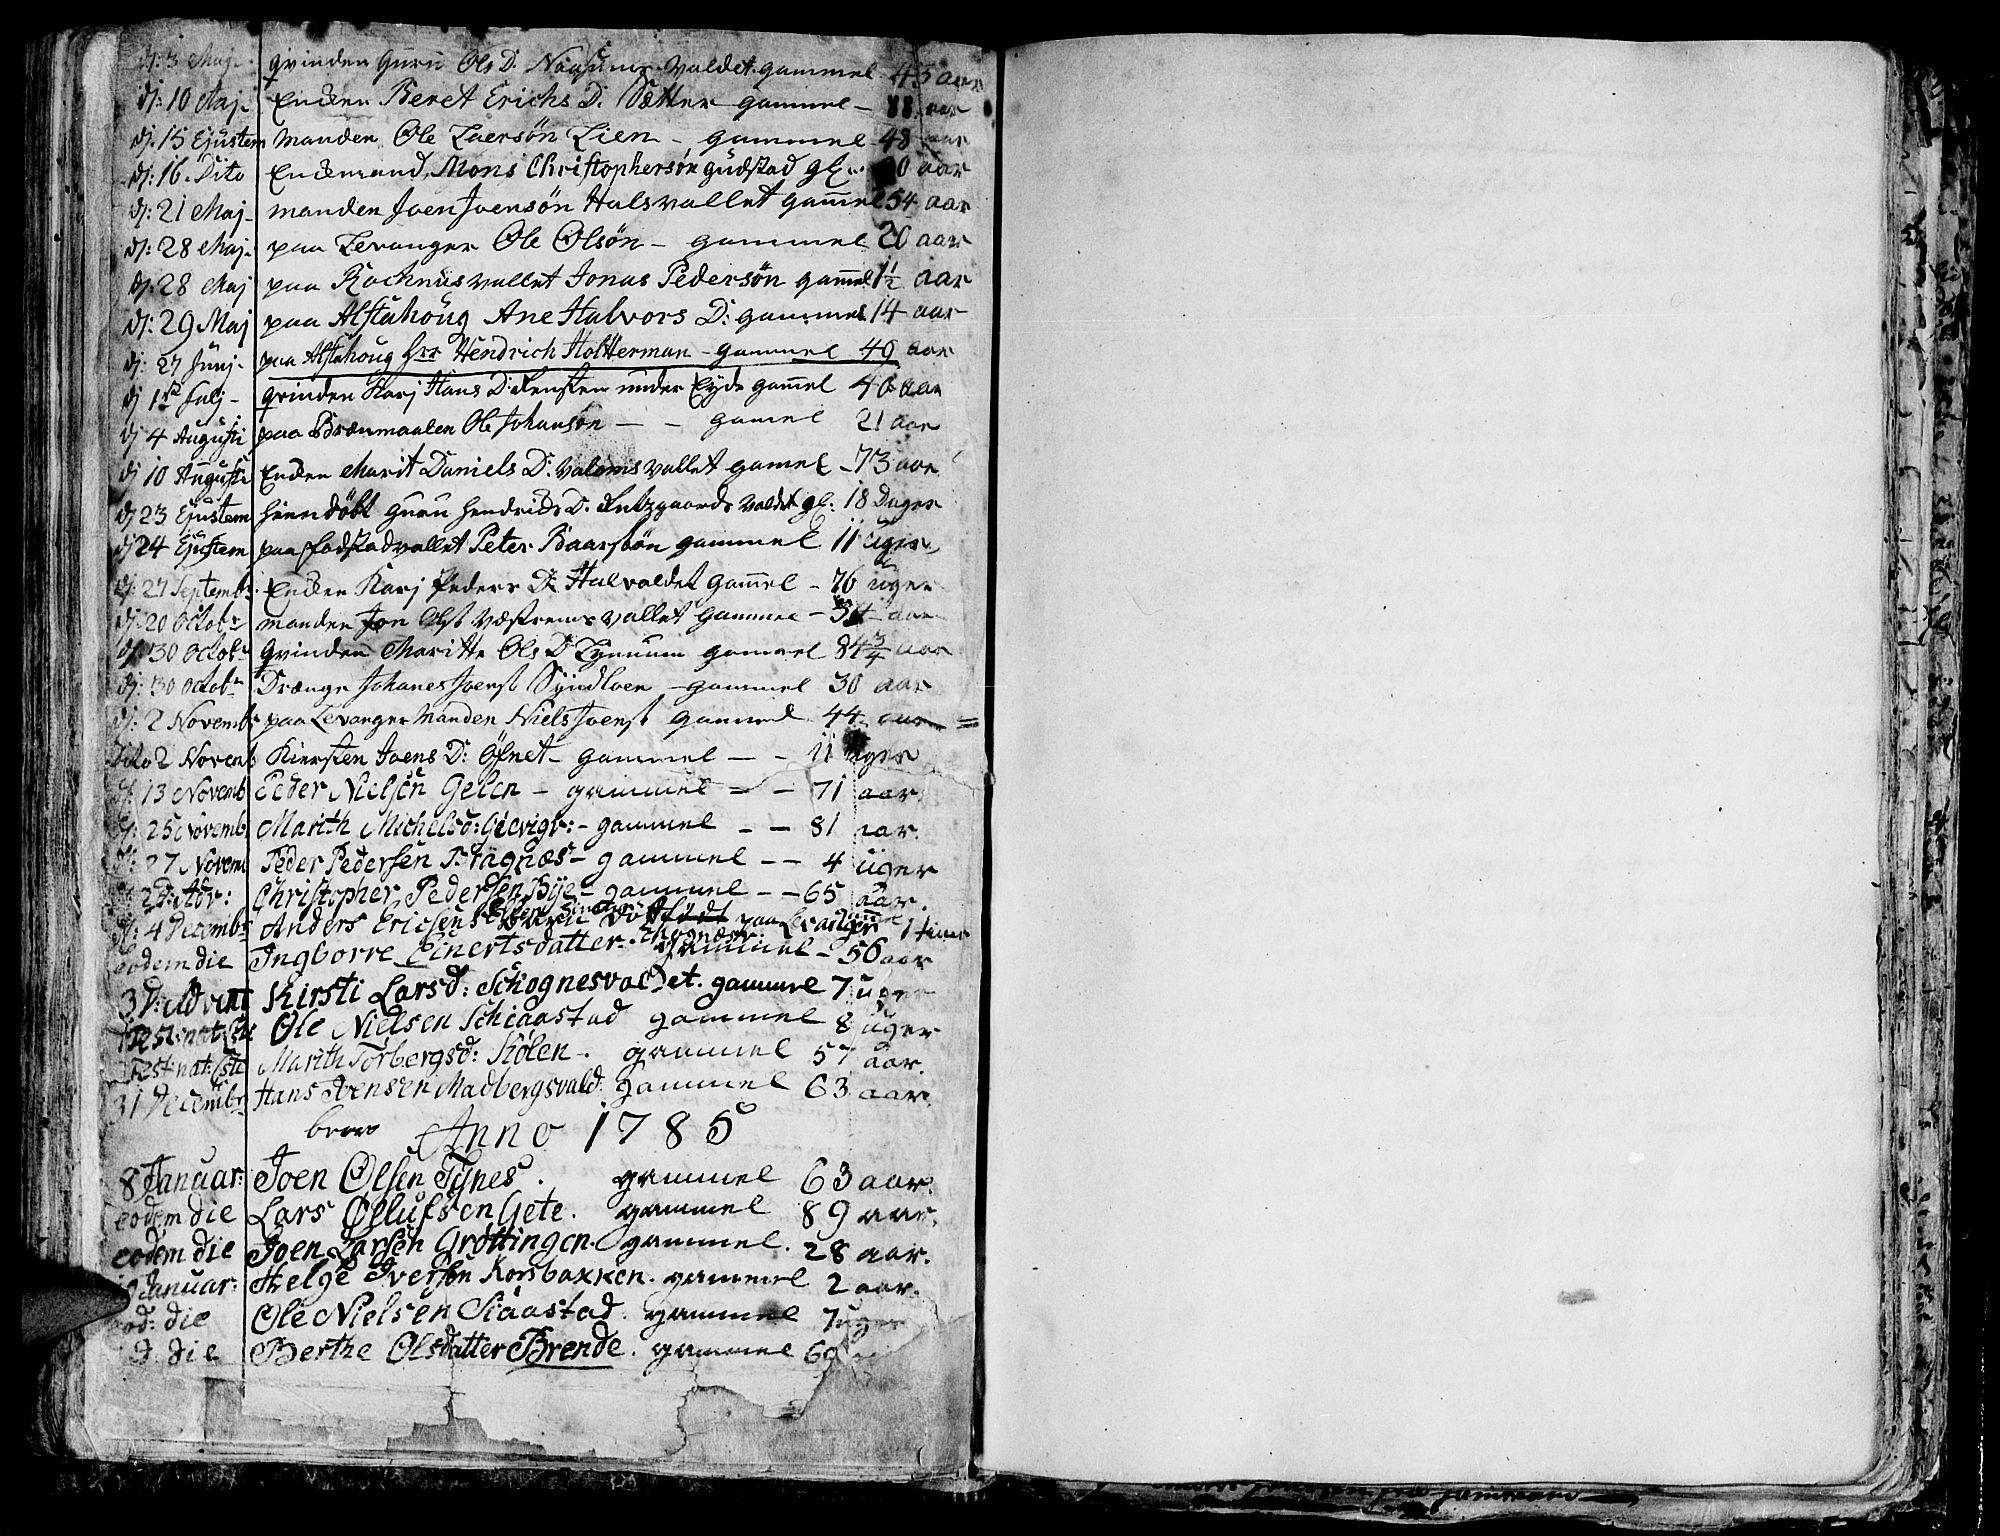 SAT, Ministerialprotokoller, klokkerbøker og fødselsregistre - Nord-Trøndelag, 717/L0142: Ministerialbok nr. 717A02 /1, 1783-1809, s. 105